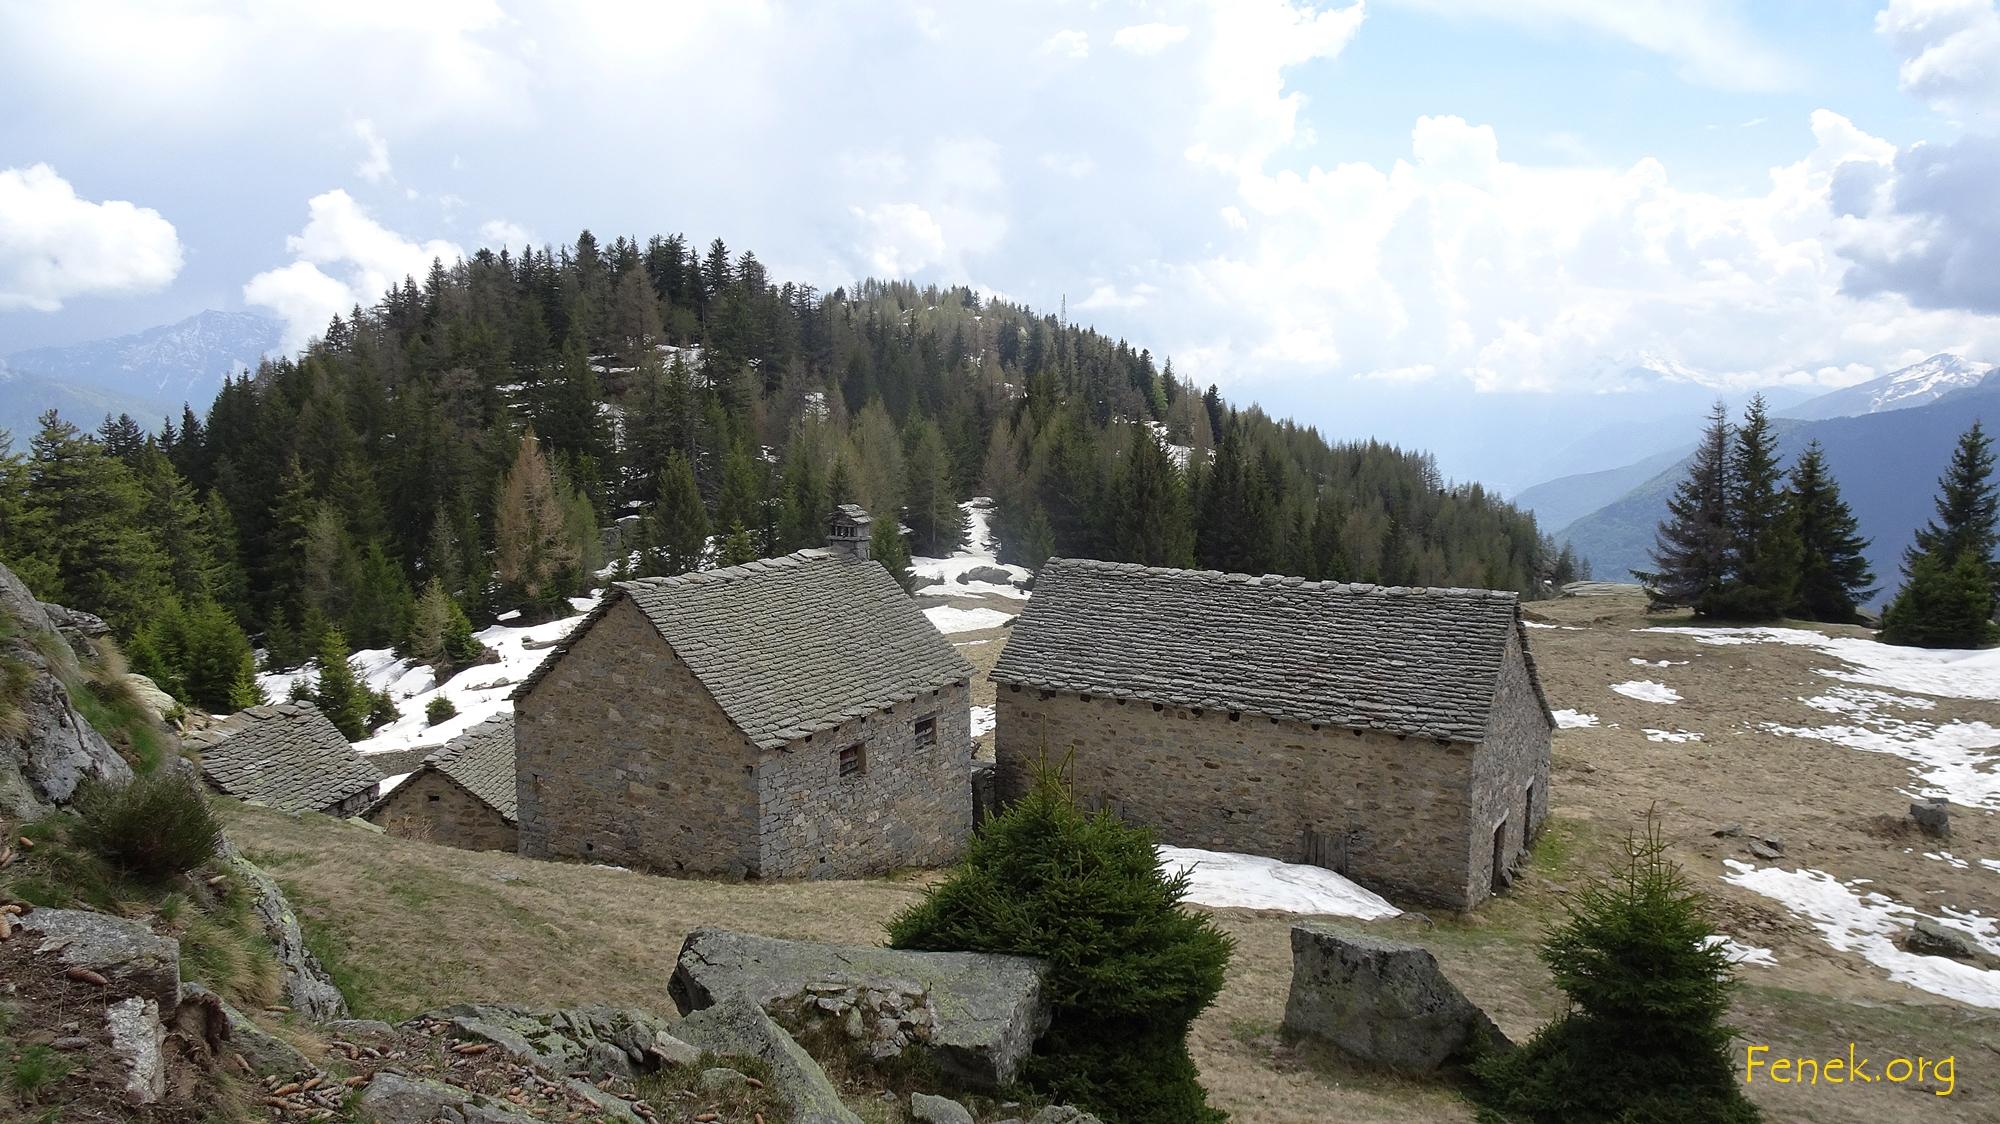 eine verlassene Alp